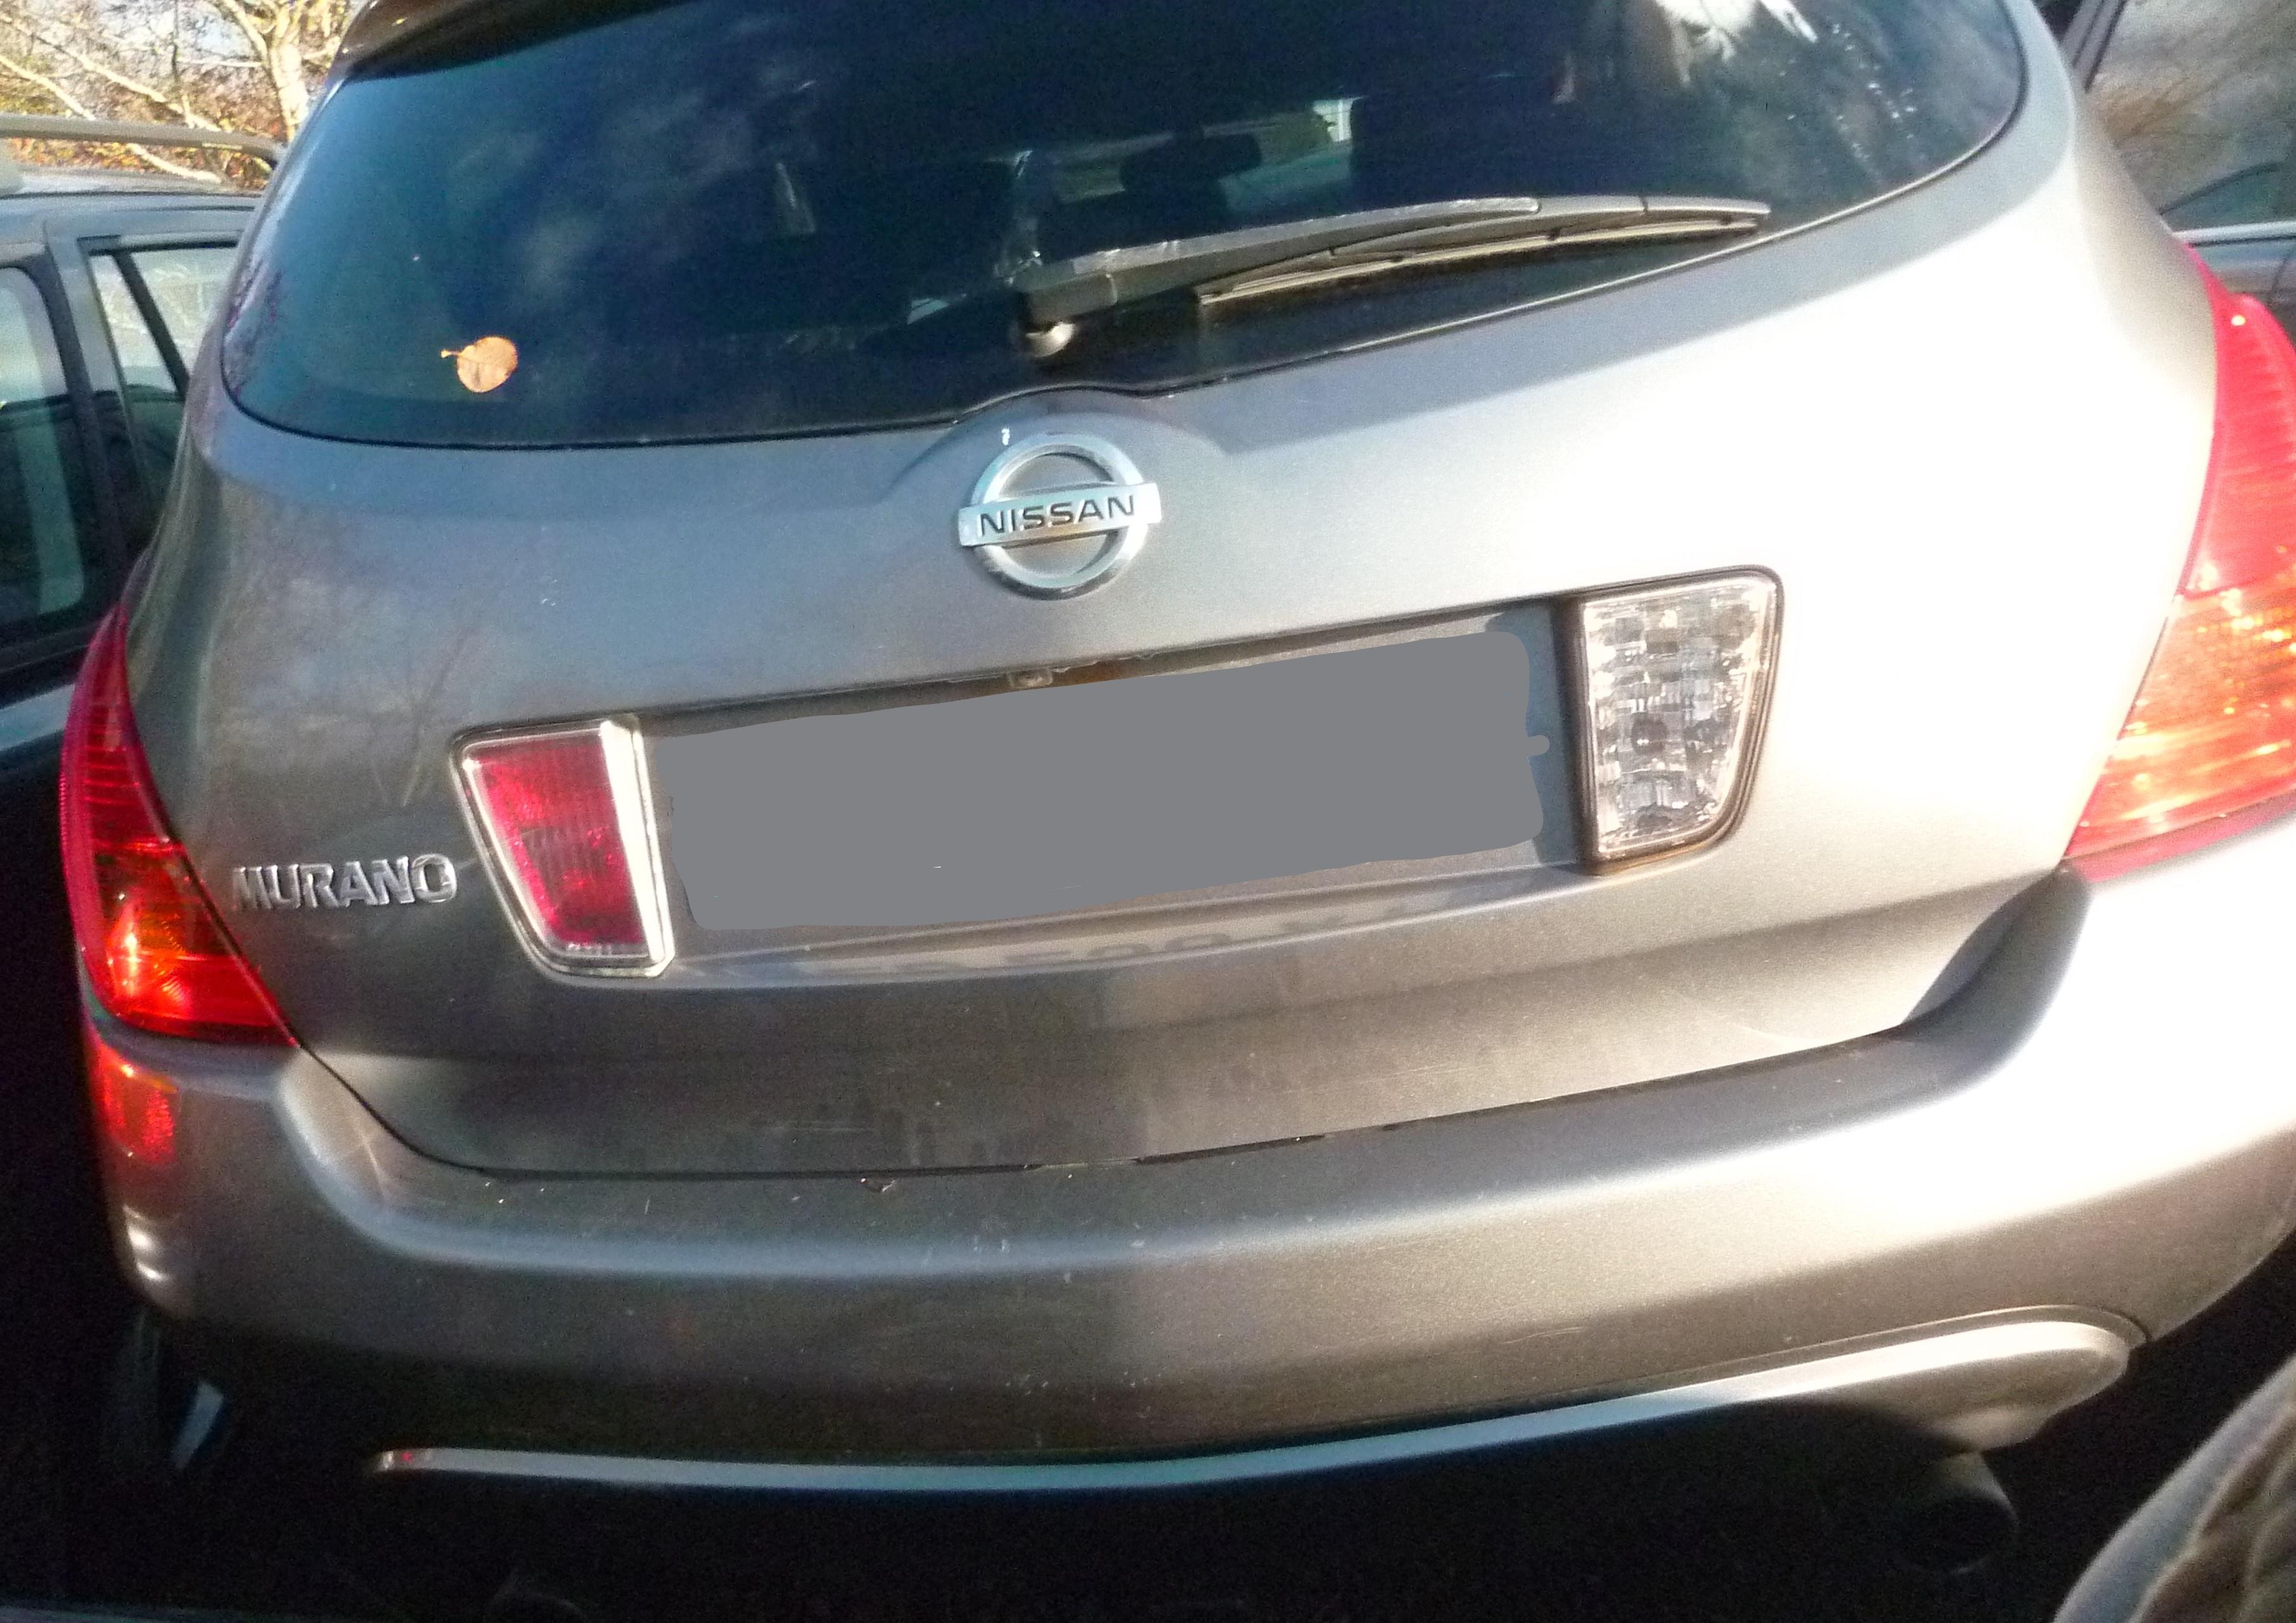 Nissan Murano2